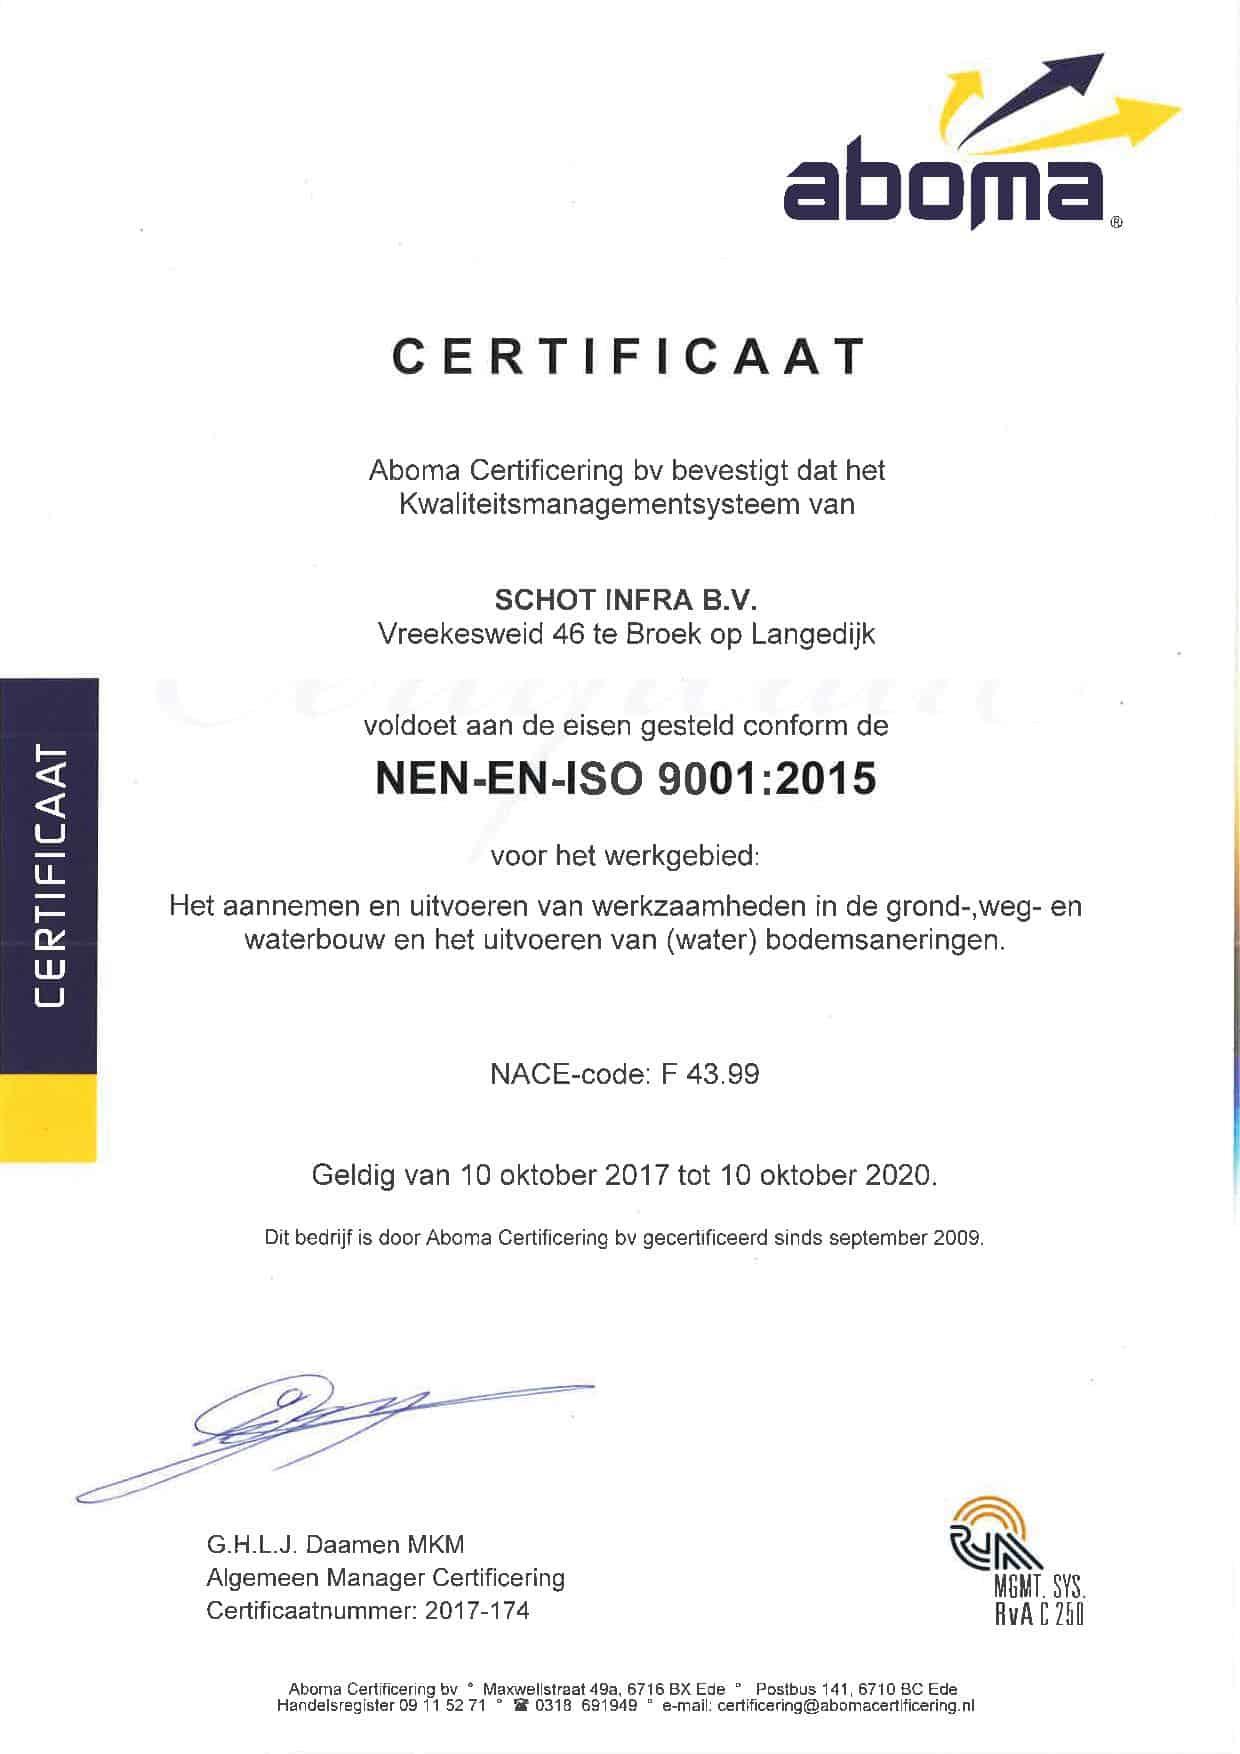 NEN-EN-ISO 9001 (2015) - vervaldatum 10-10-2020